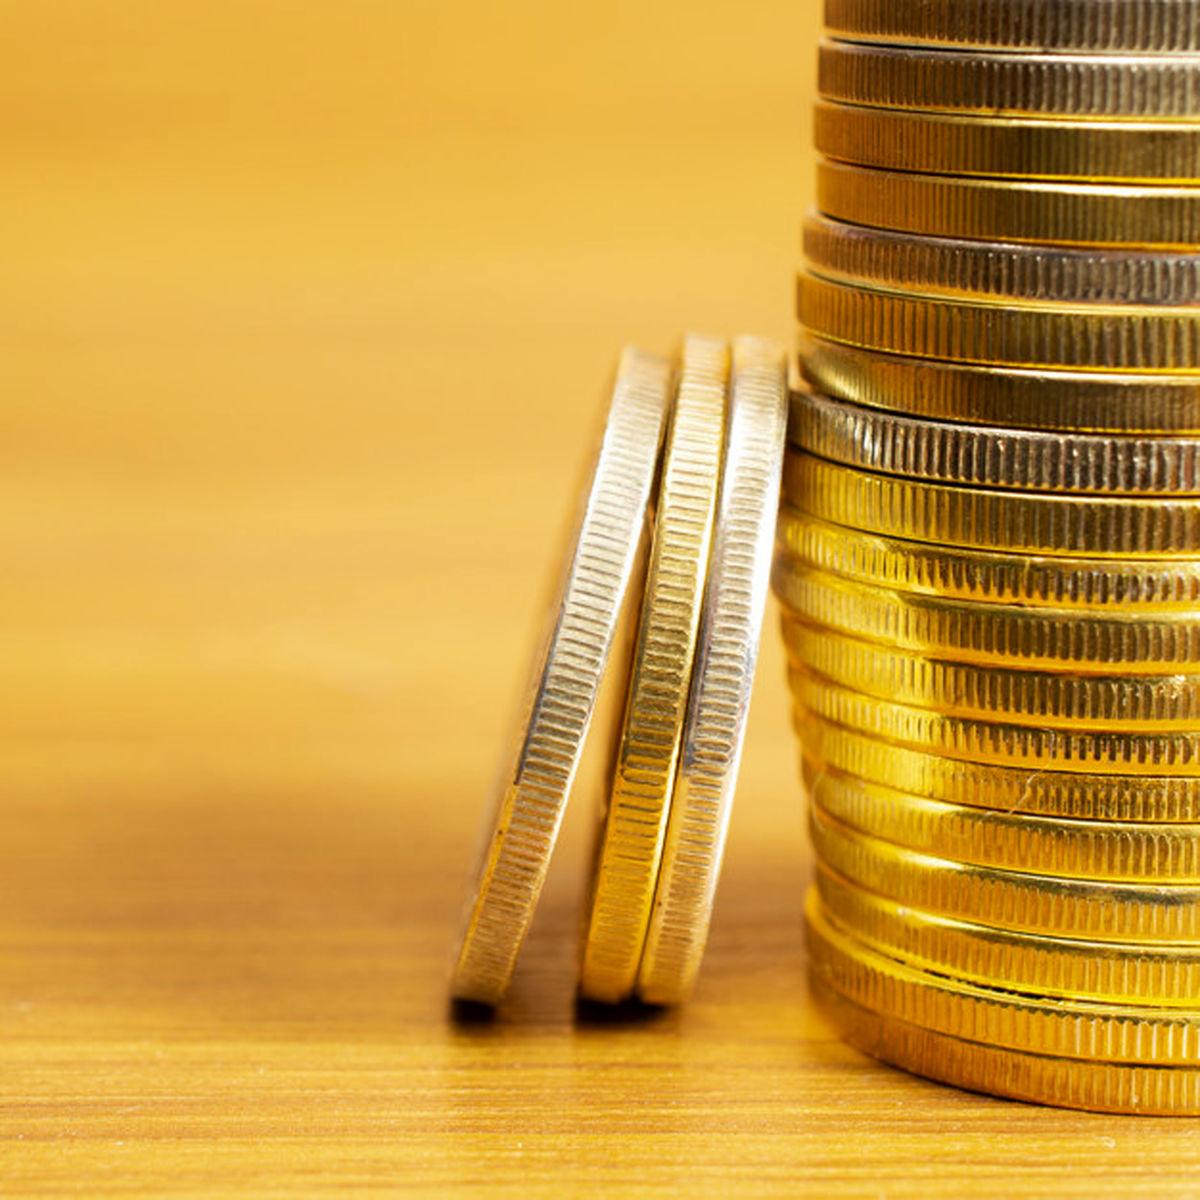 قیمت سکه و طلا در 8 خرداد + جدول